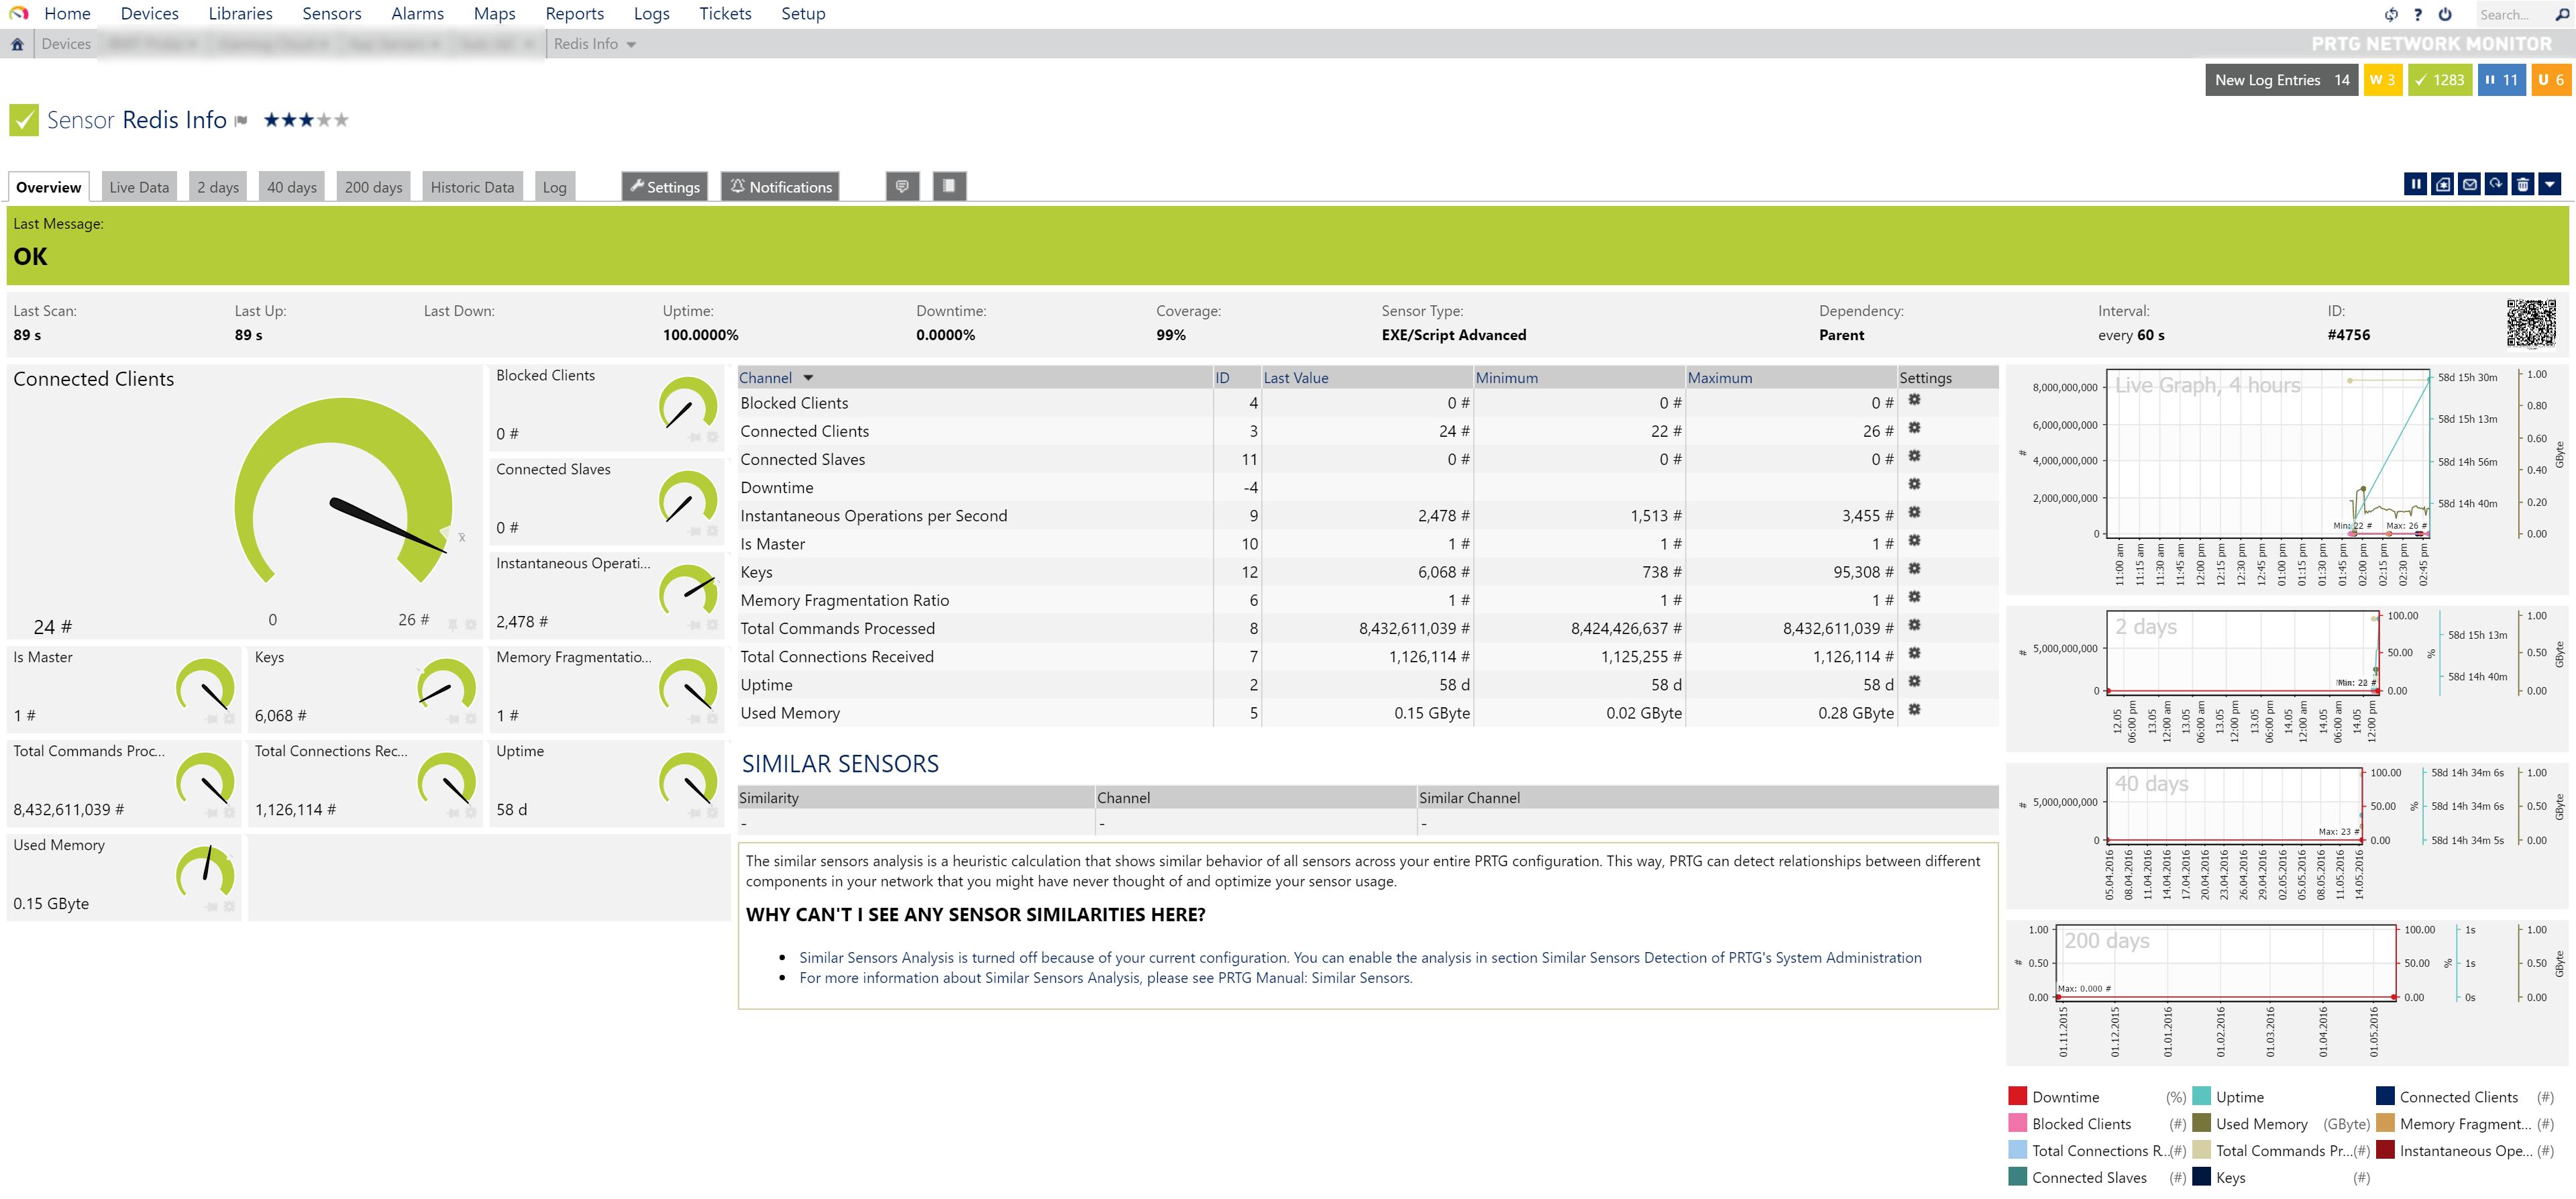 Redis Sensor in PRTG